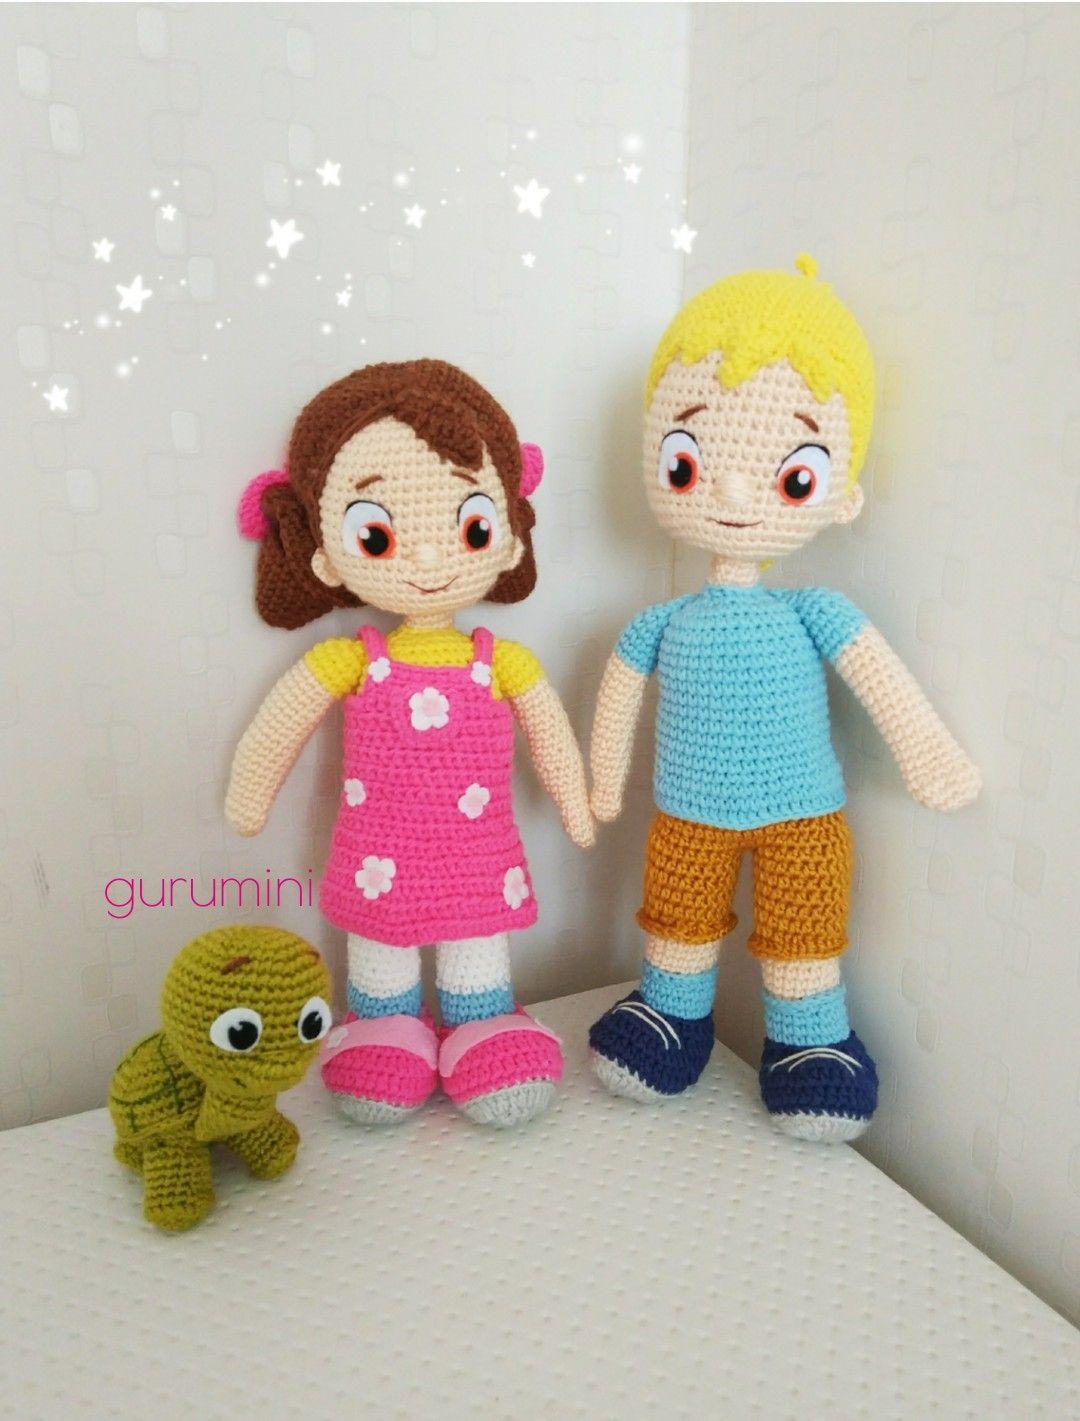 Amigurumi Baba Parmak Yapılışı (Crochet TOY Finger Family ... | 1421x1080